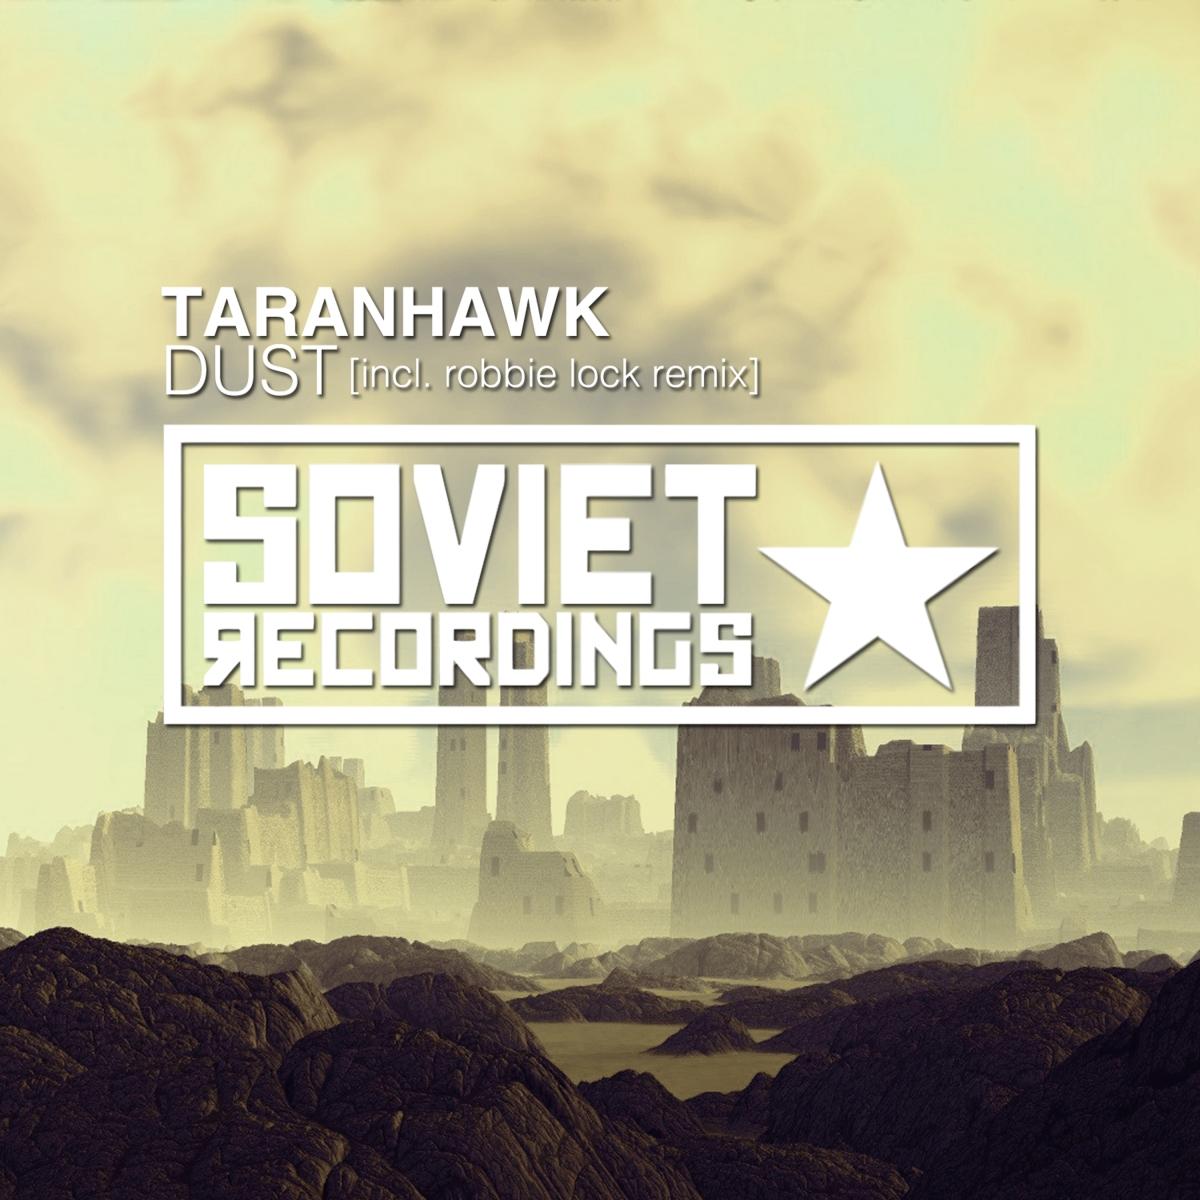 Taranhawk - Dust